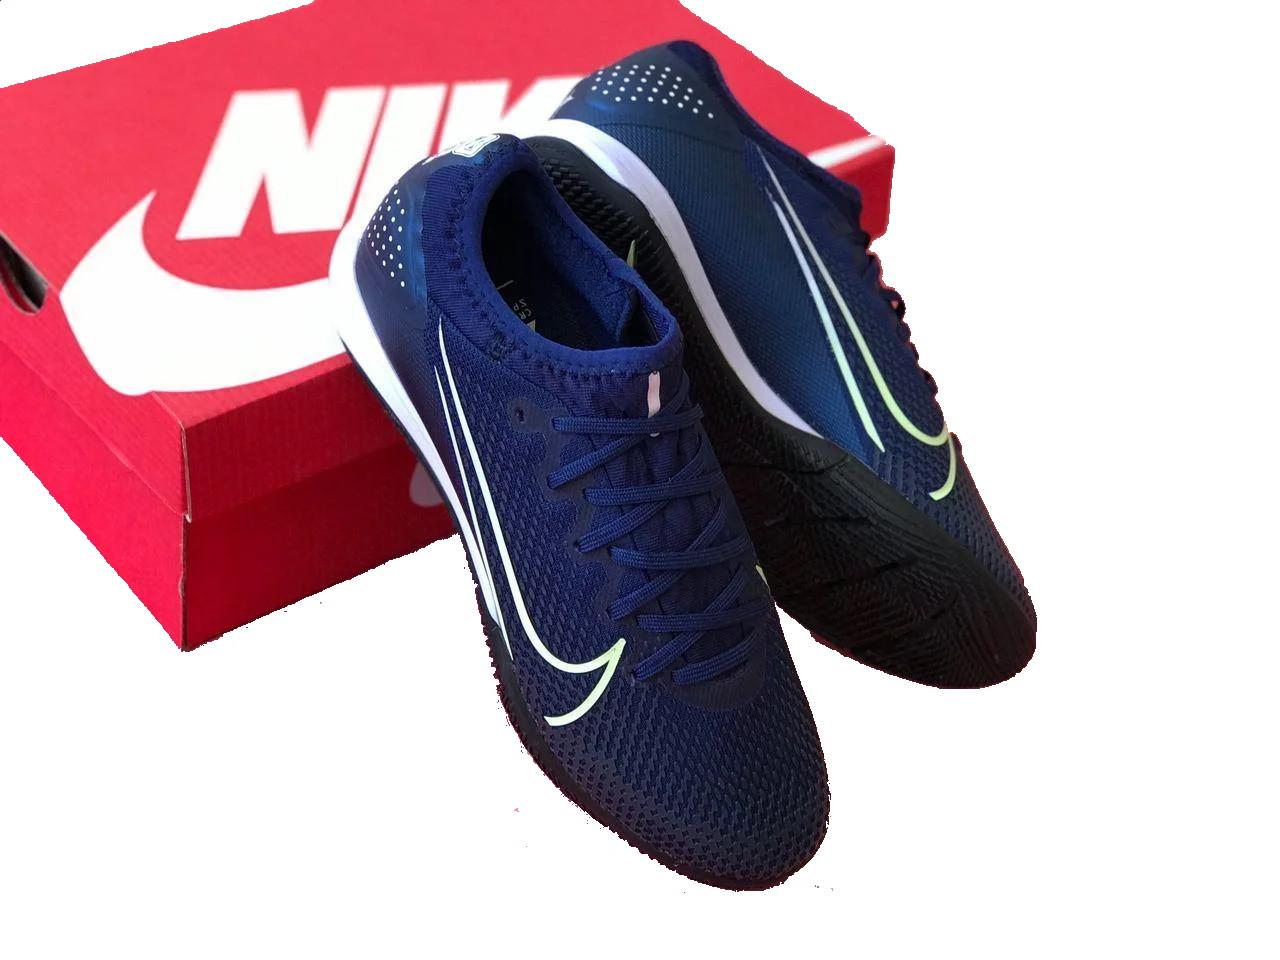 Футзалки Nike Mercurial Vapor 13 Academy Neymar JrФутзалки Nike Mercurial /футзалки найк /футбольная обувь